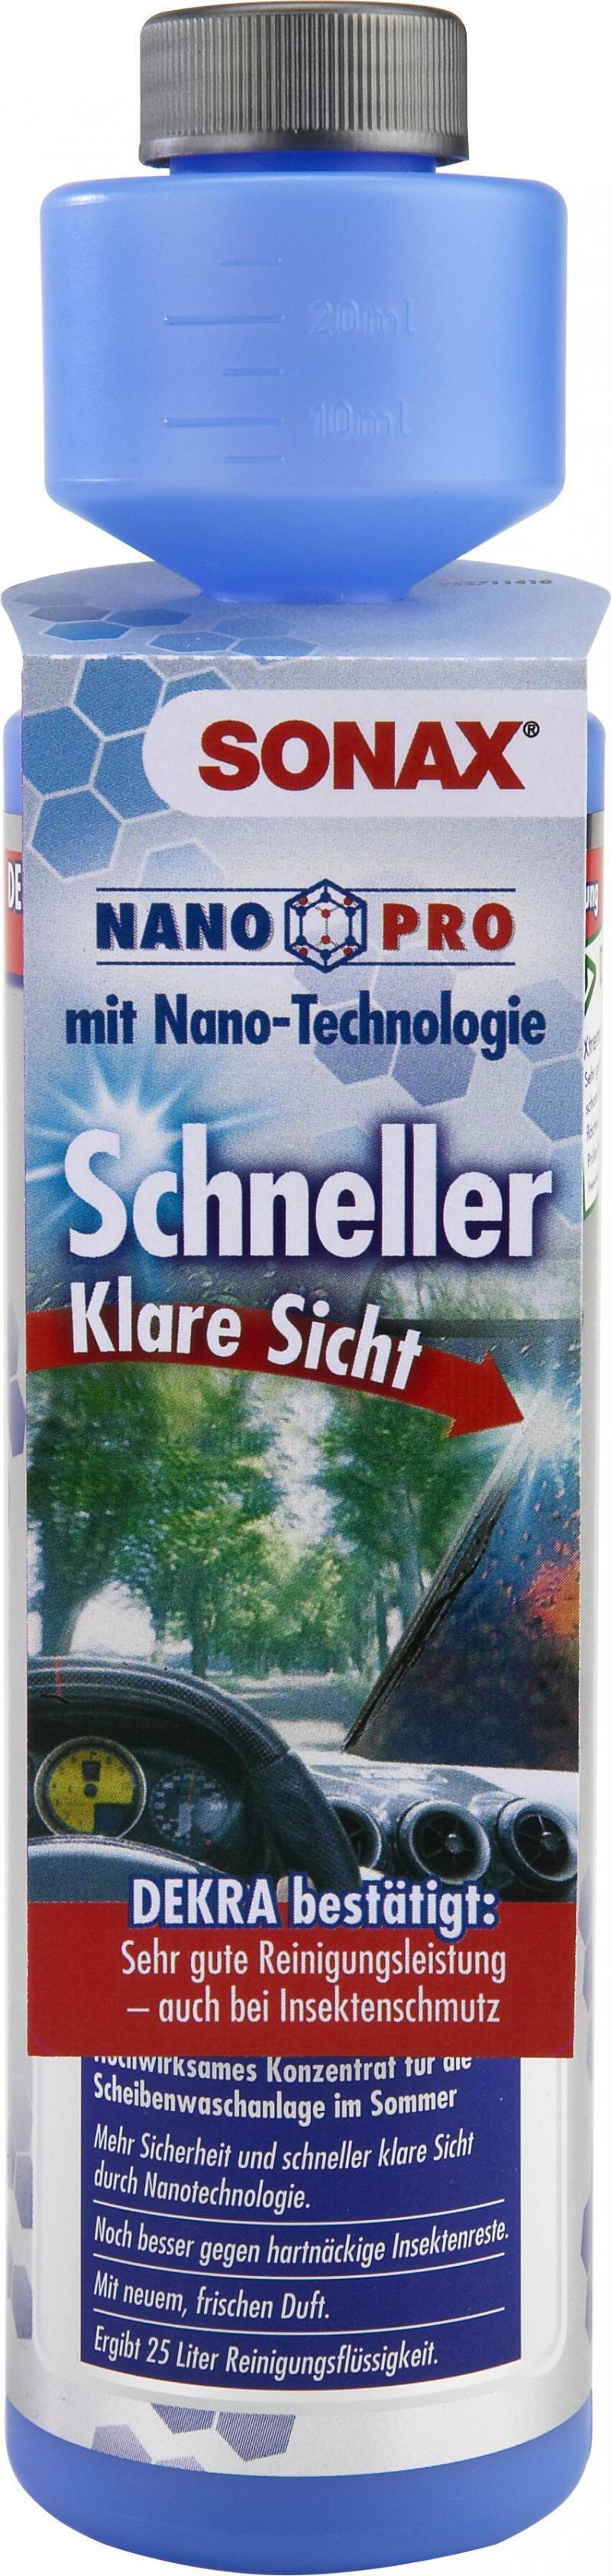 sonax xtreme scheibenreiniger 1 100 nano pro 250ml autoteile walter schork gmbh. Black Bedroom Furniture Sets. Home Design Ideas